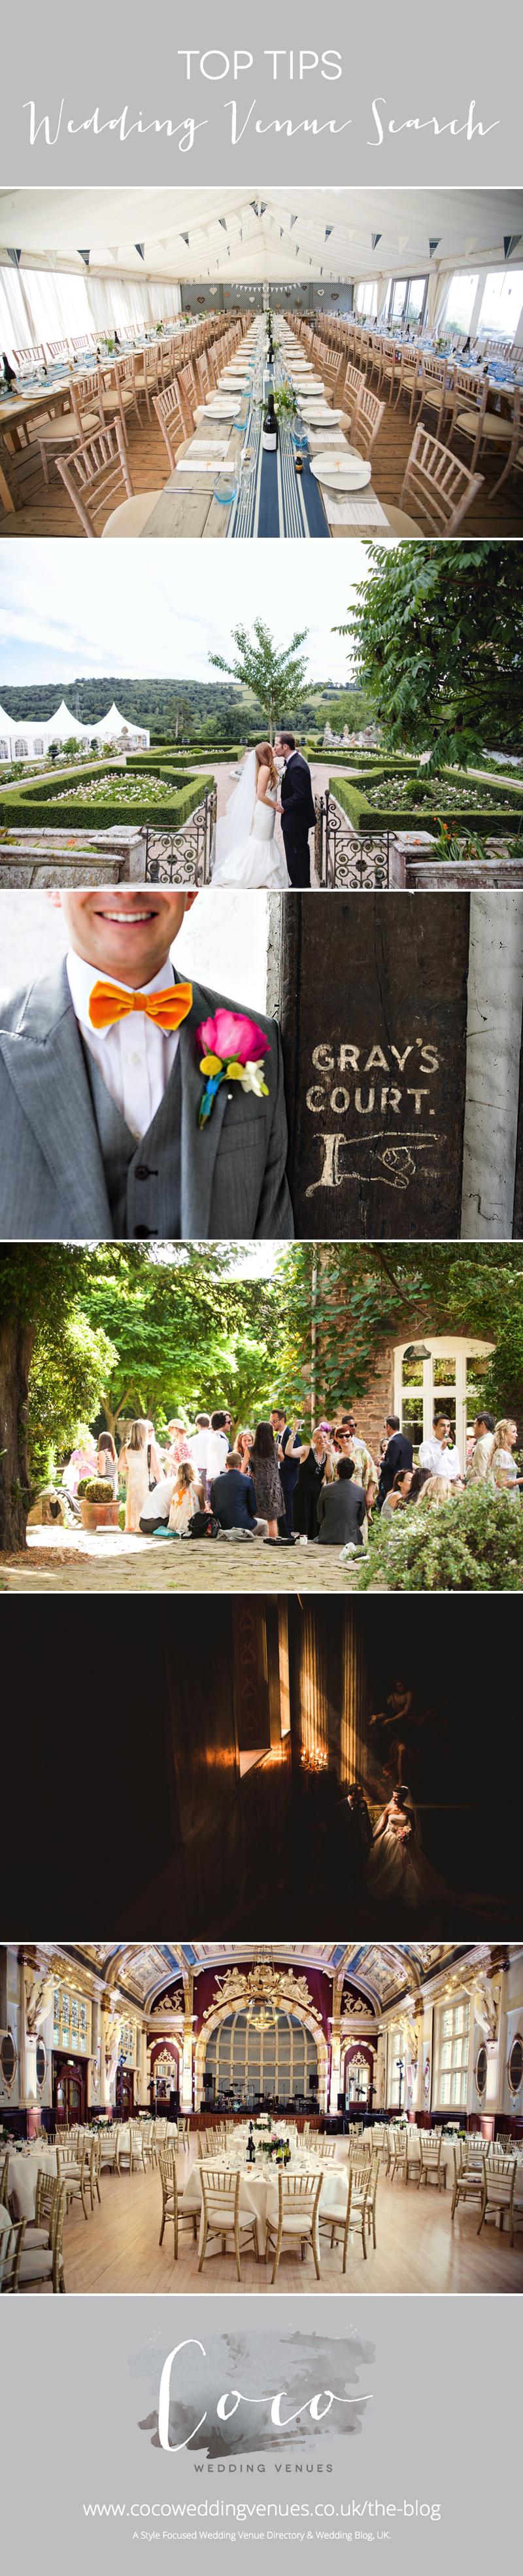 wedding-venue-search-tips-coco-wedding-venues-pinterest